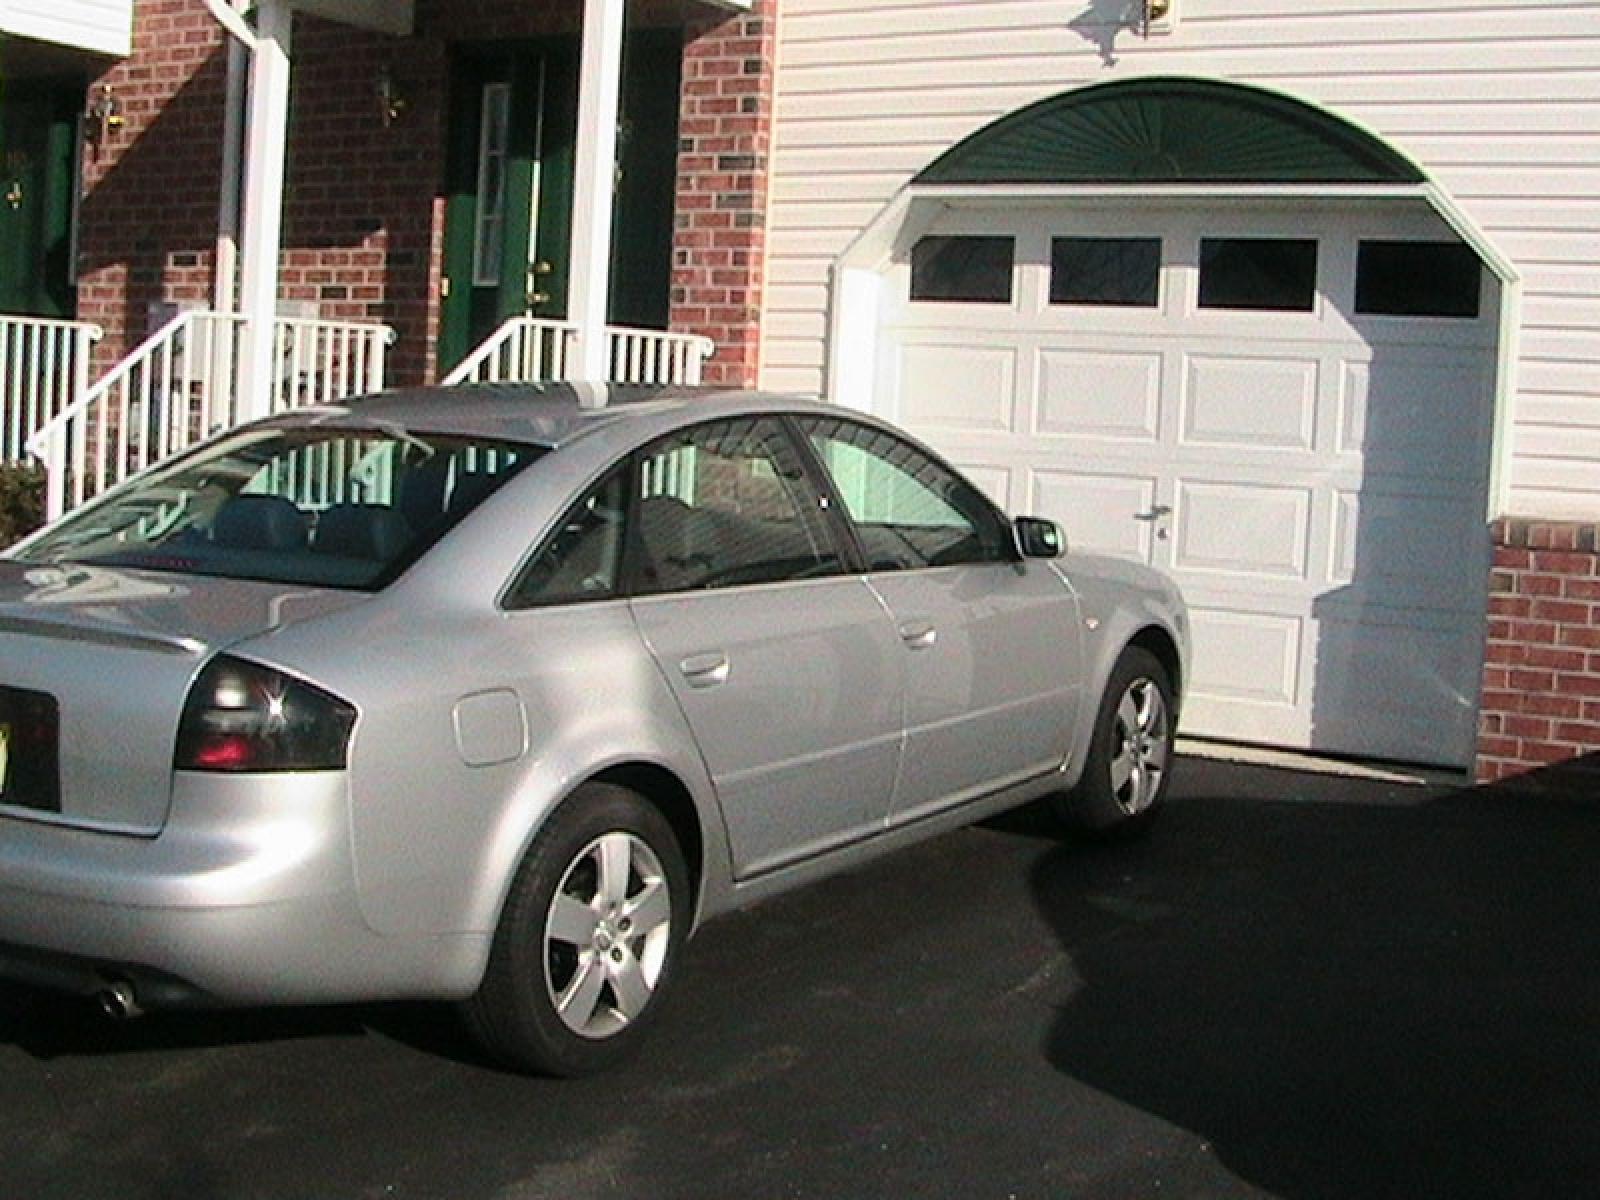 2002 Audi A6 #1 800 1024 1280 1600 origin